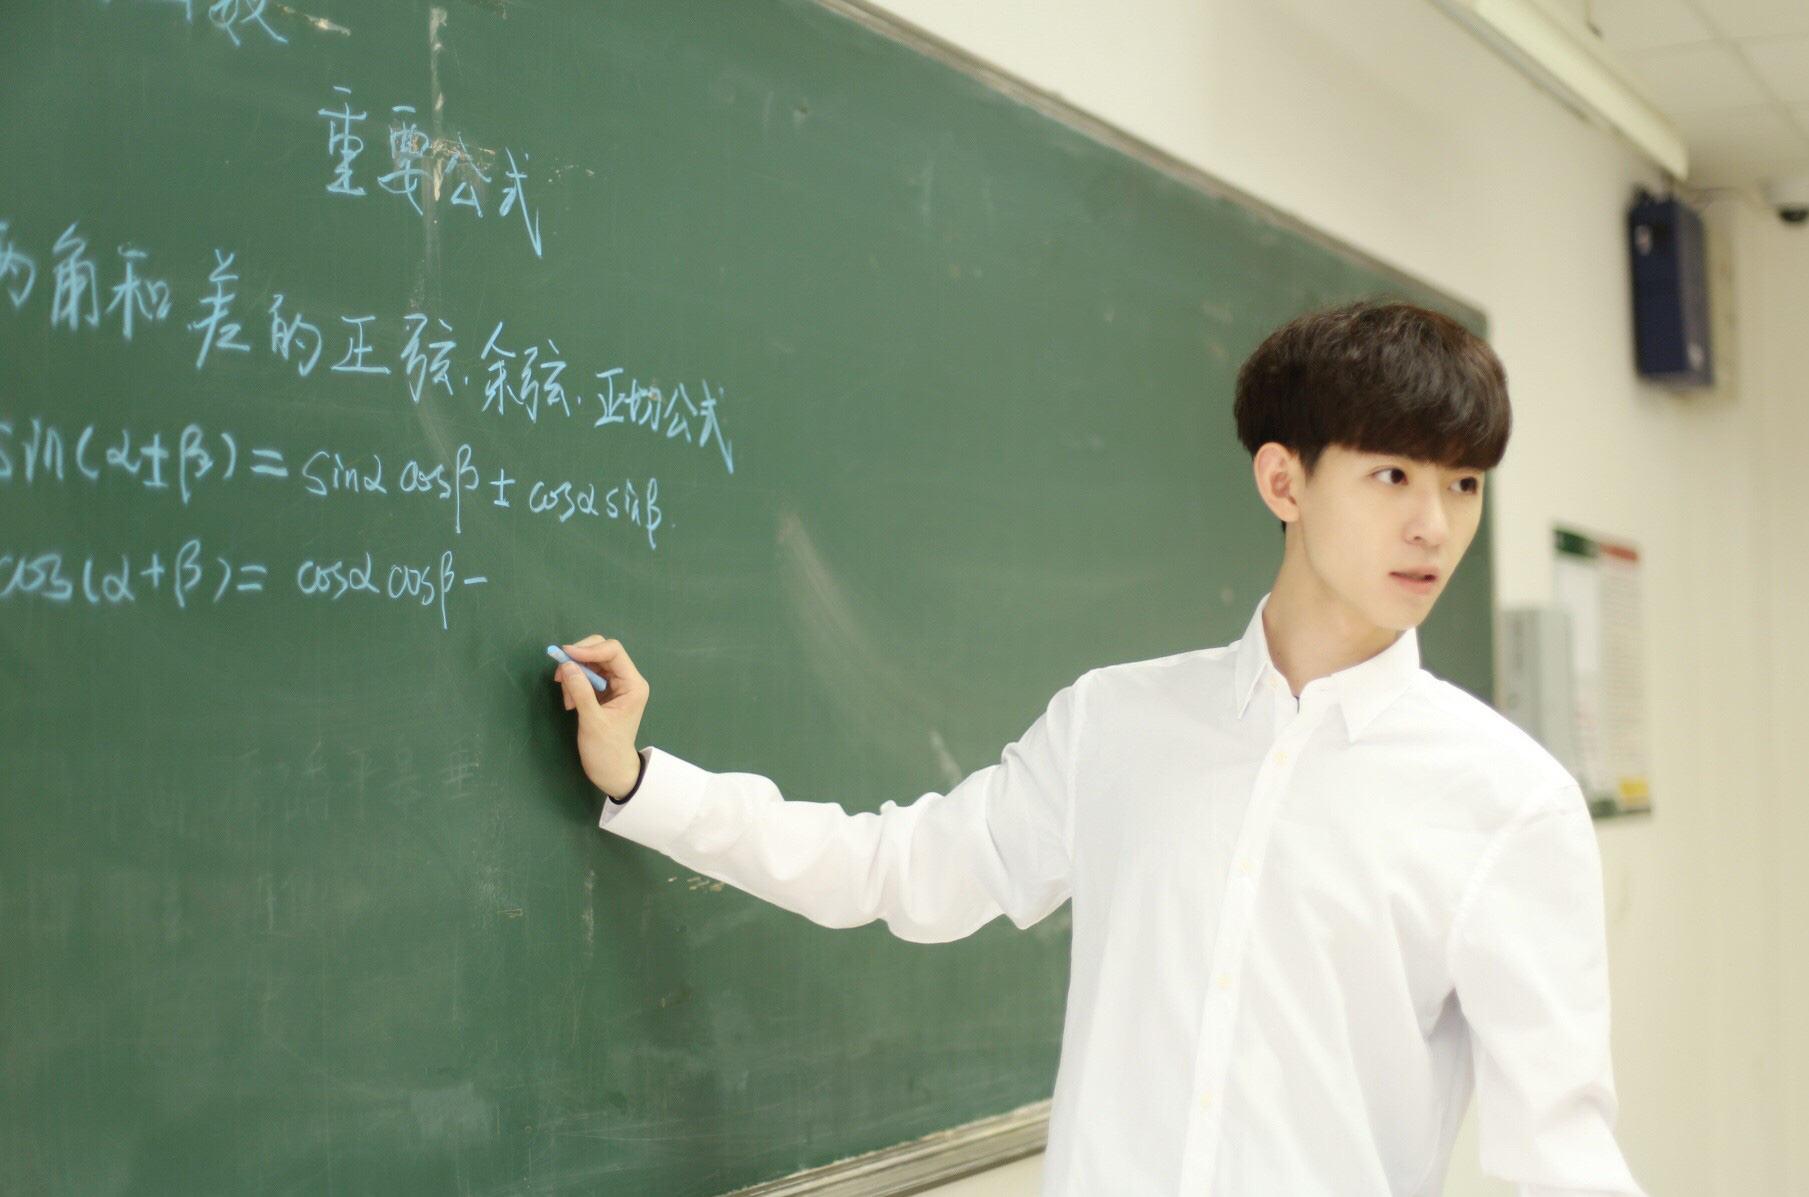 Thầy giáo hot boy, cô giáo nữ thần ở Trung Quốc hậu nổi tiếng: Người nghỉ  việc đi du học, người thành KOLs triệu follow - Kênh thông tin tổng hợp